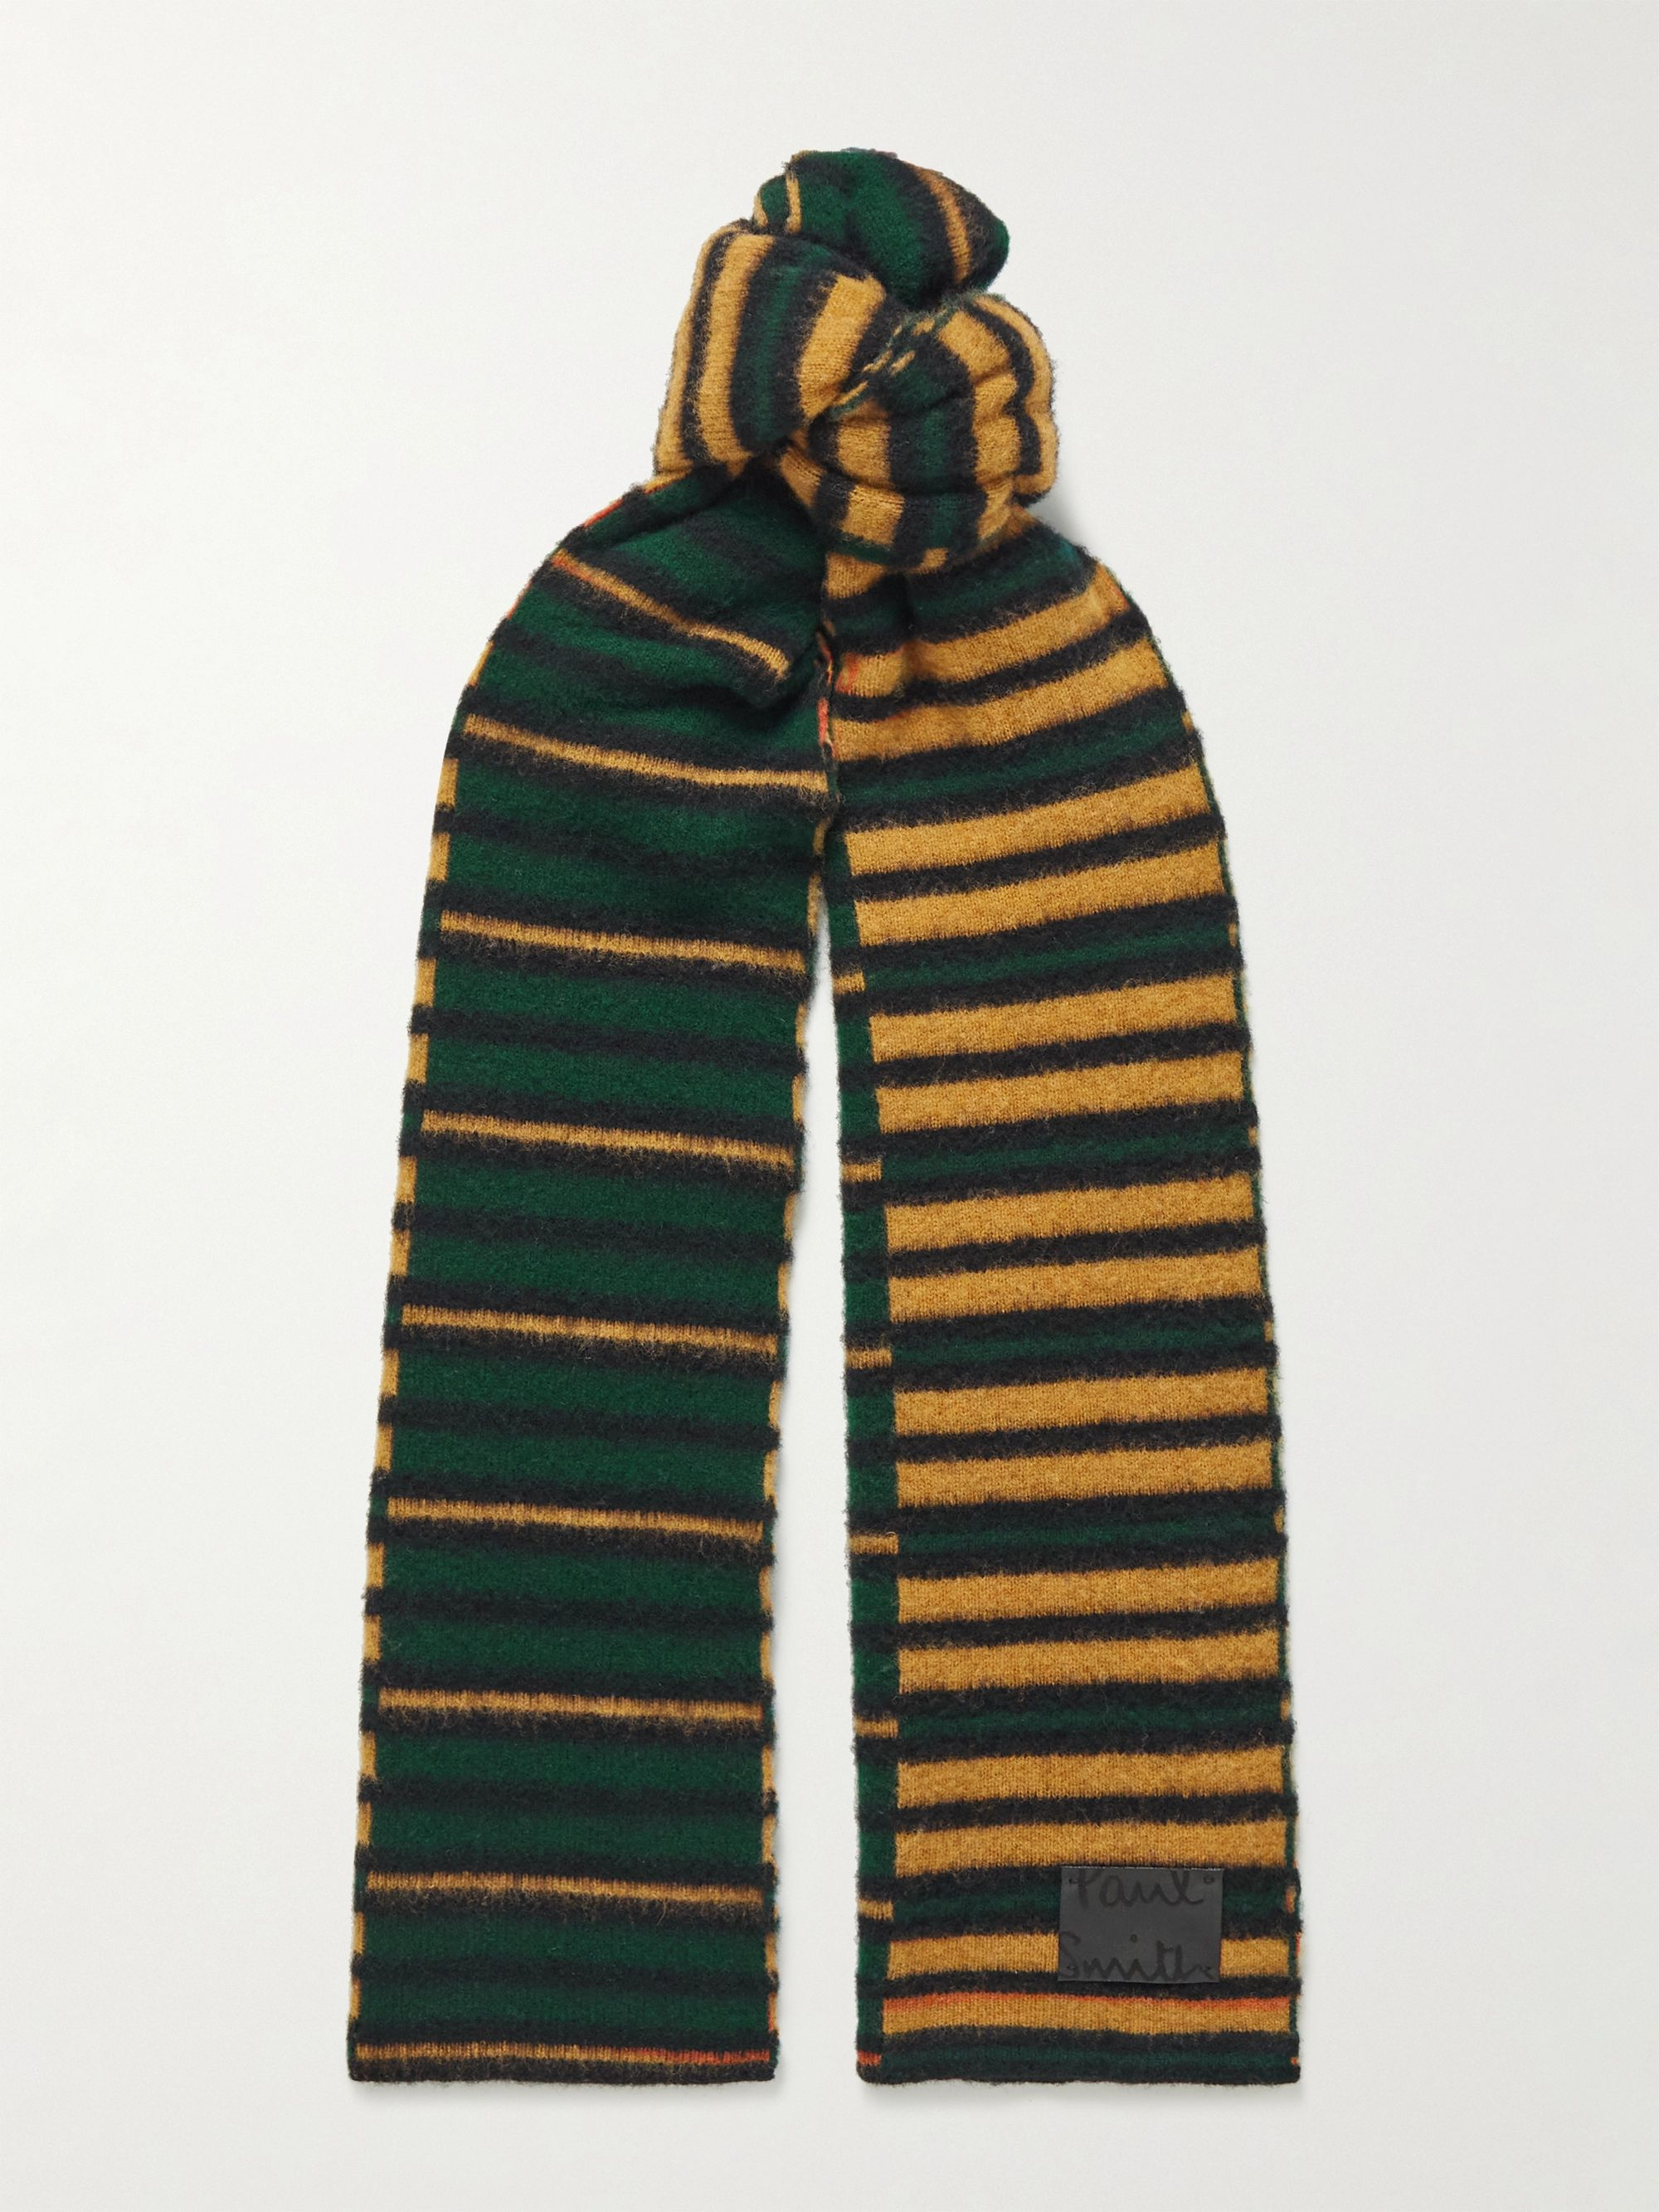 폴 스미스 스카프 Paul Smith Striped Wool Scarf,Green